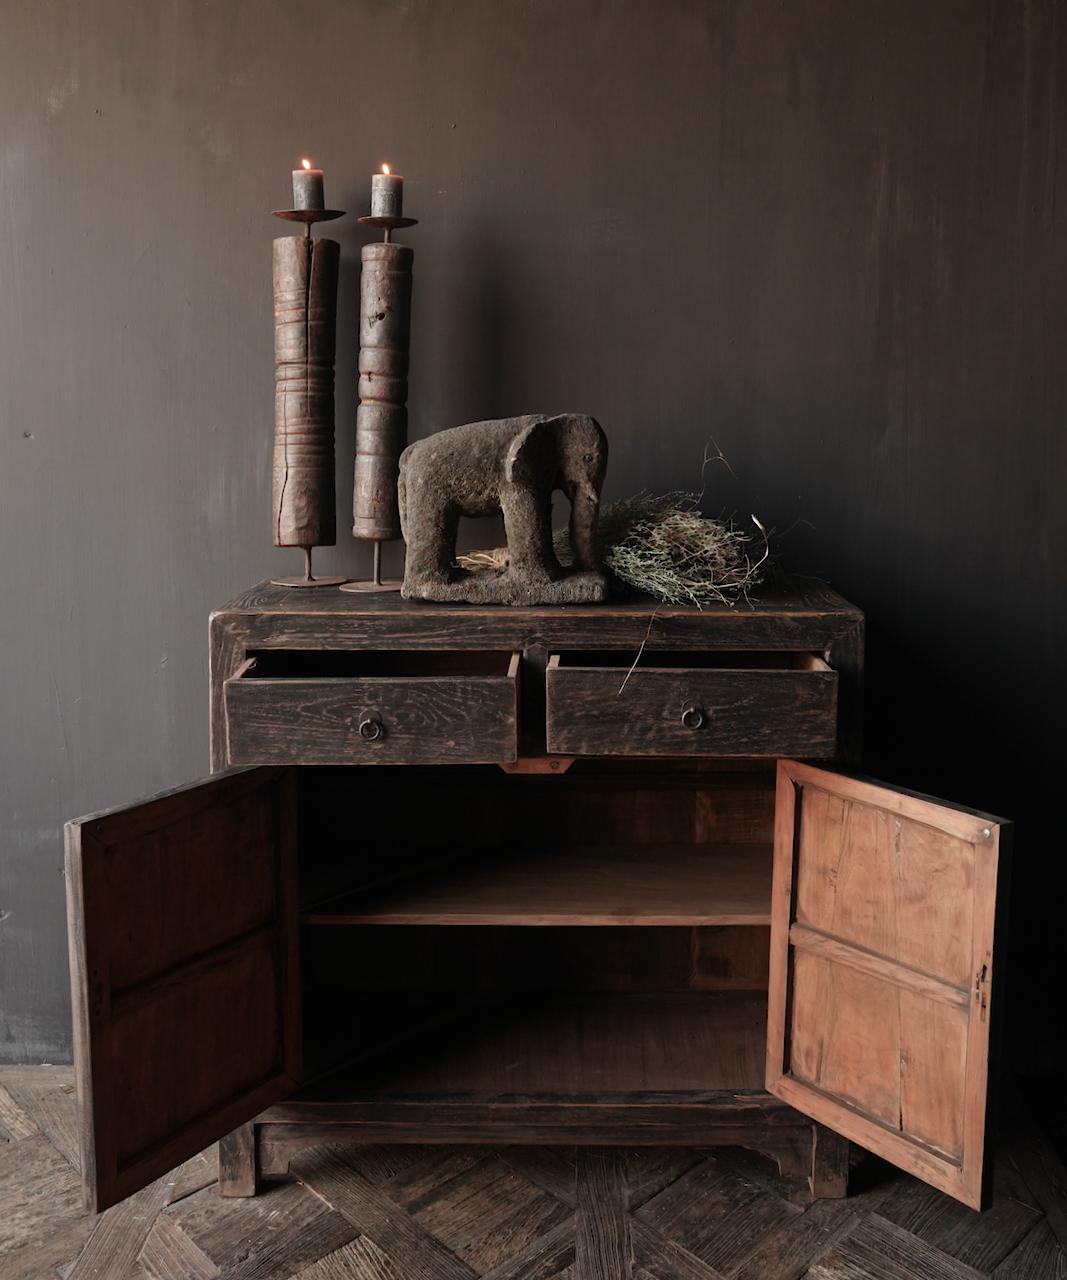 Ländlicher dunkler zweitüriger Holzschrank / Sideboard-2